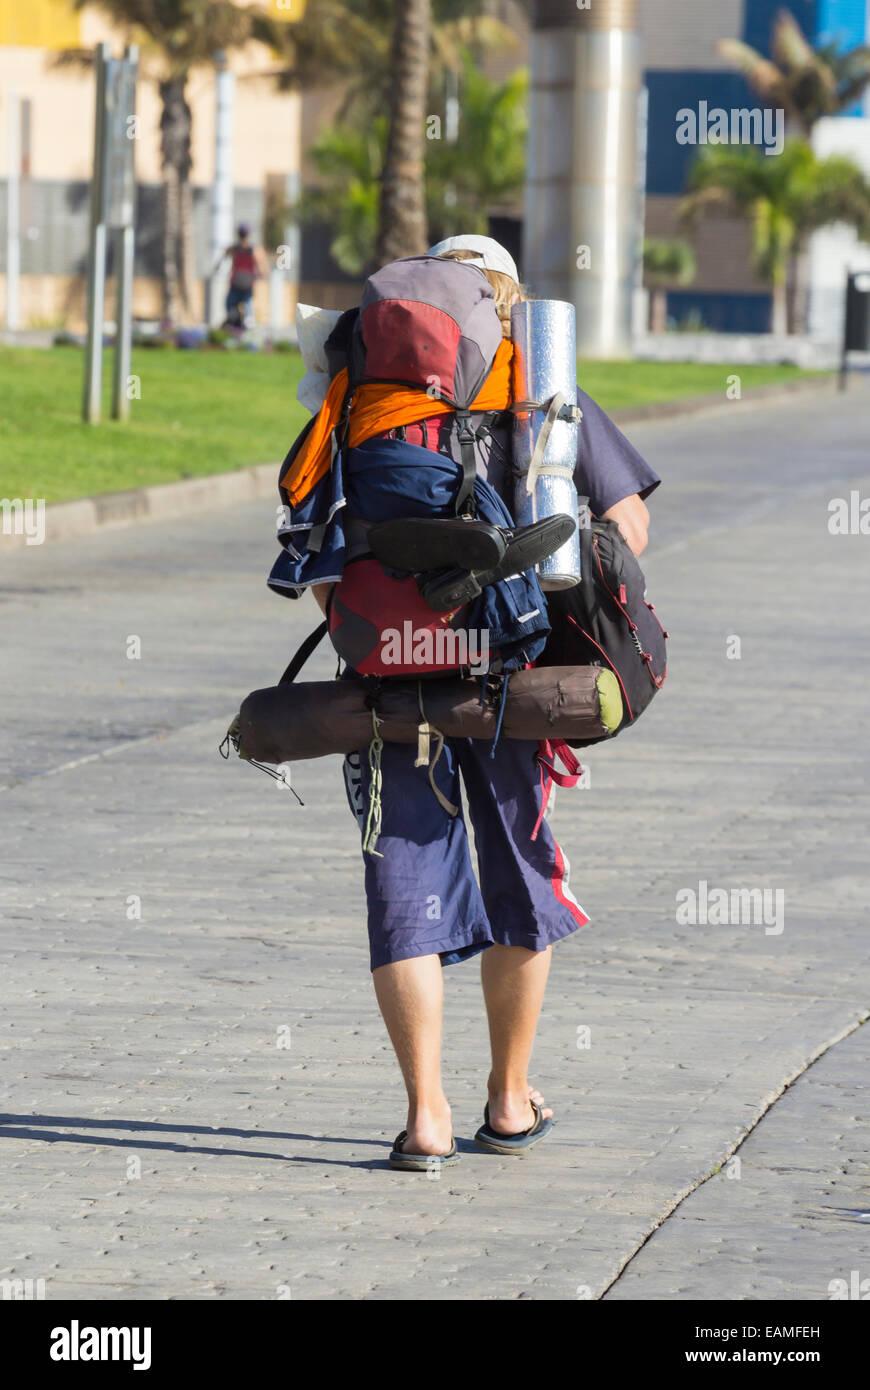 Junger Mann mit großen Rucksack mit Campingausrüstung in Spanien Stockbild